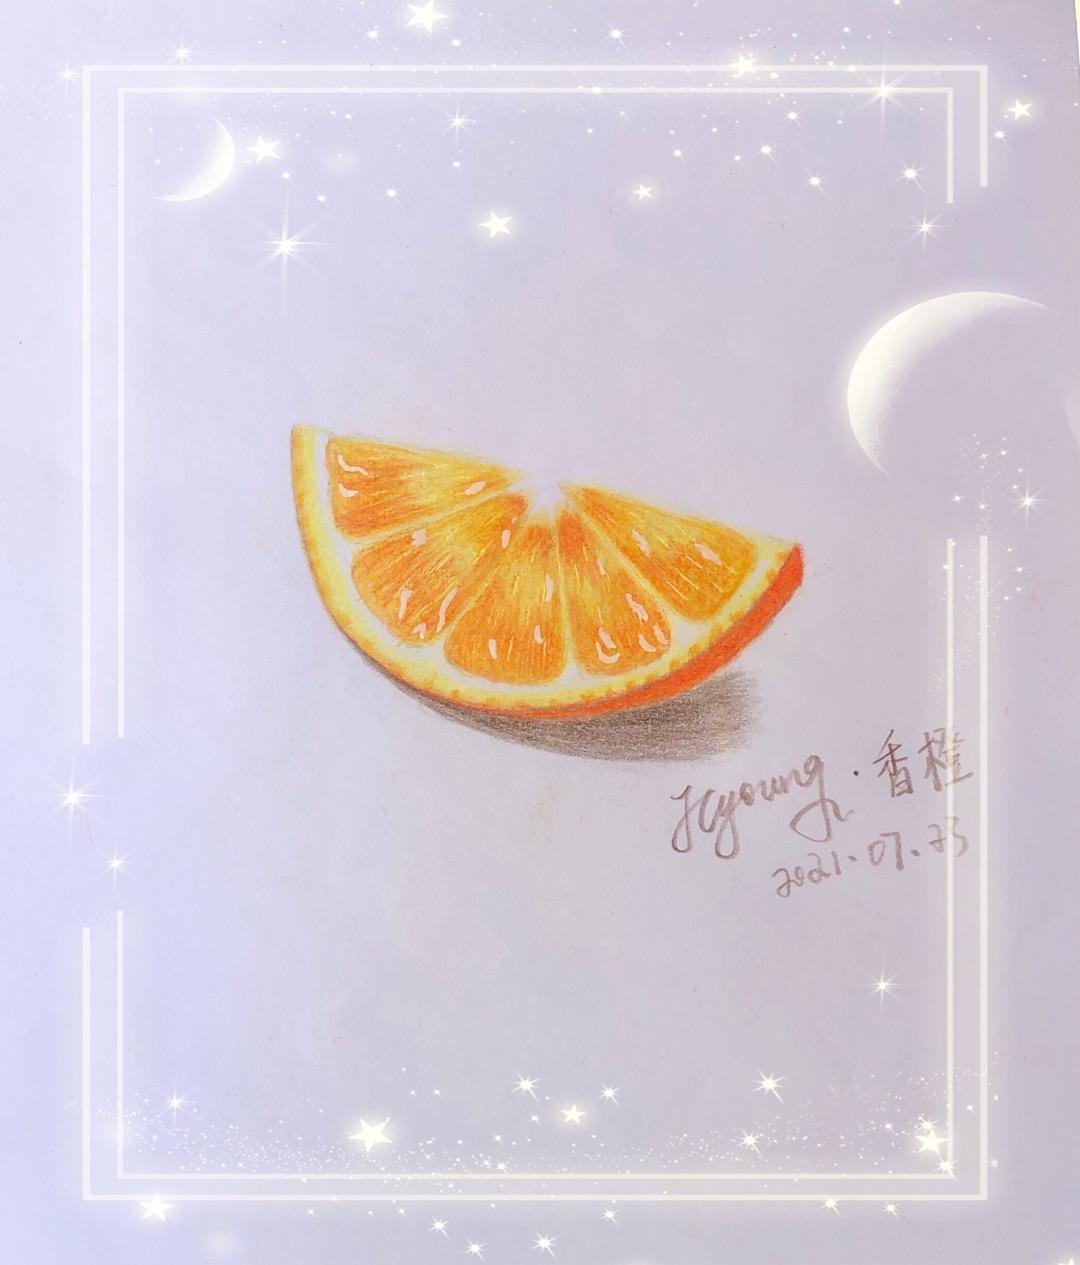 彩铅画—超有食欲的甜橙🍊哇